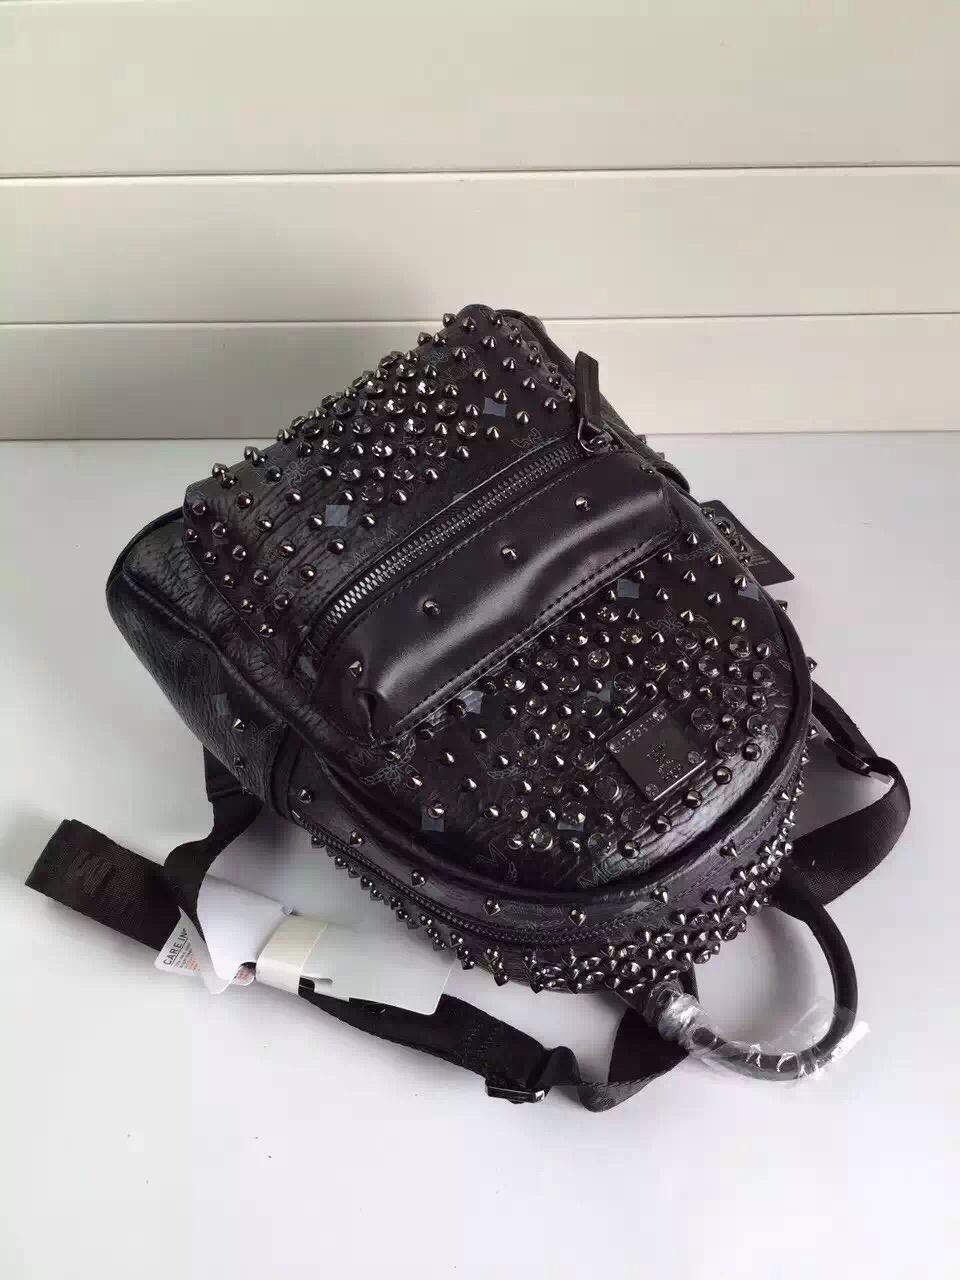 2015MCM新款 限量版双肩包 纯手工铆钉配水钻 专柜全包装 厂家批发